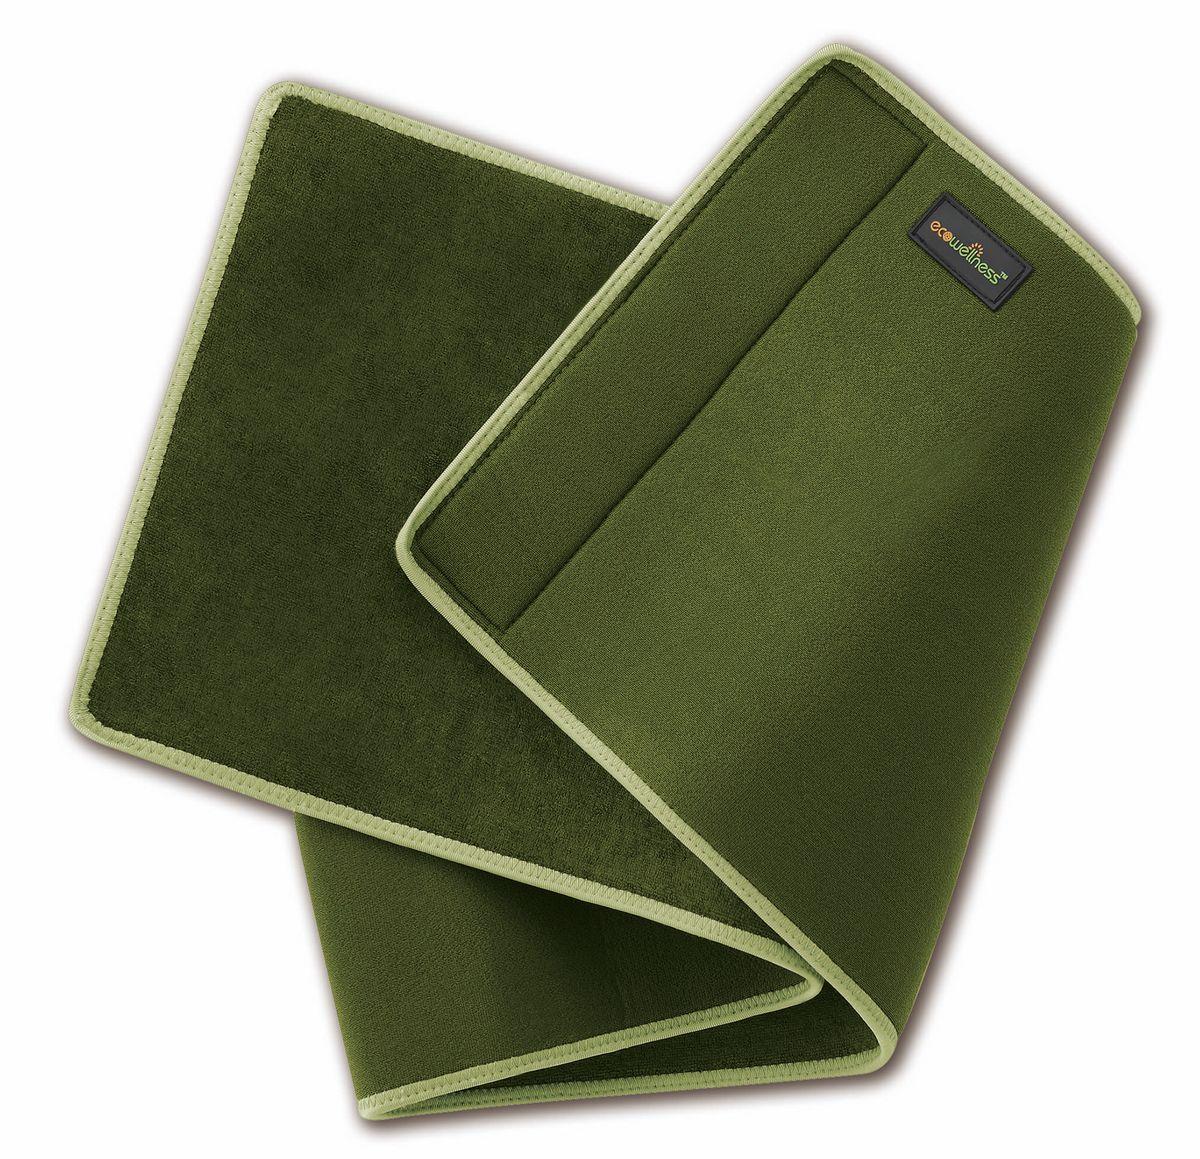 Пояс для похудения Ecowellness, неопреновый, цвет: зеленый, 101 см х 25 см. QB-876AEN-BIR97901/LПояс для похудения Ecowellness, поддерживающий и согревающий. Изготовлен из неопрена. Оснащен липучкой для регулировки в соответствии с размерами талии. Пояс эффективно удерживает тепло тела при тренировках, позволяет избавиться от лишнего жира в области талии. Подходит как женщинам так и мужчинам.